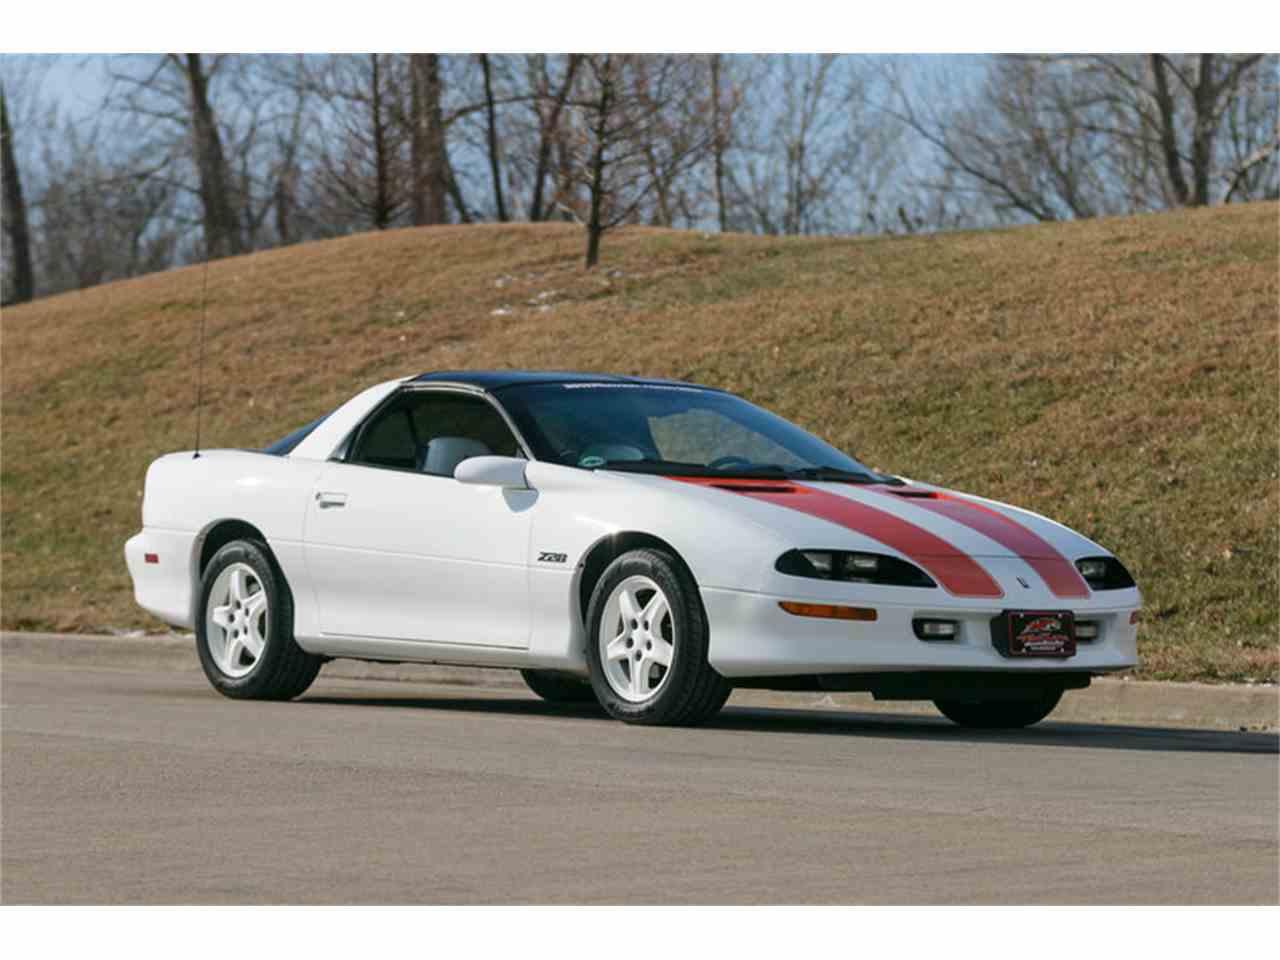 1997 Chevrolet Camaro for Sale | ClassicCars.com | CC-992921